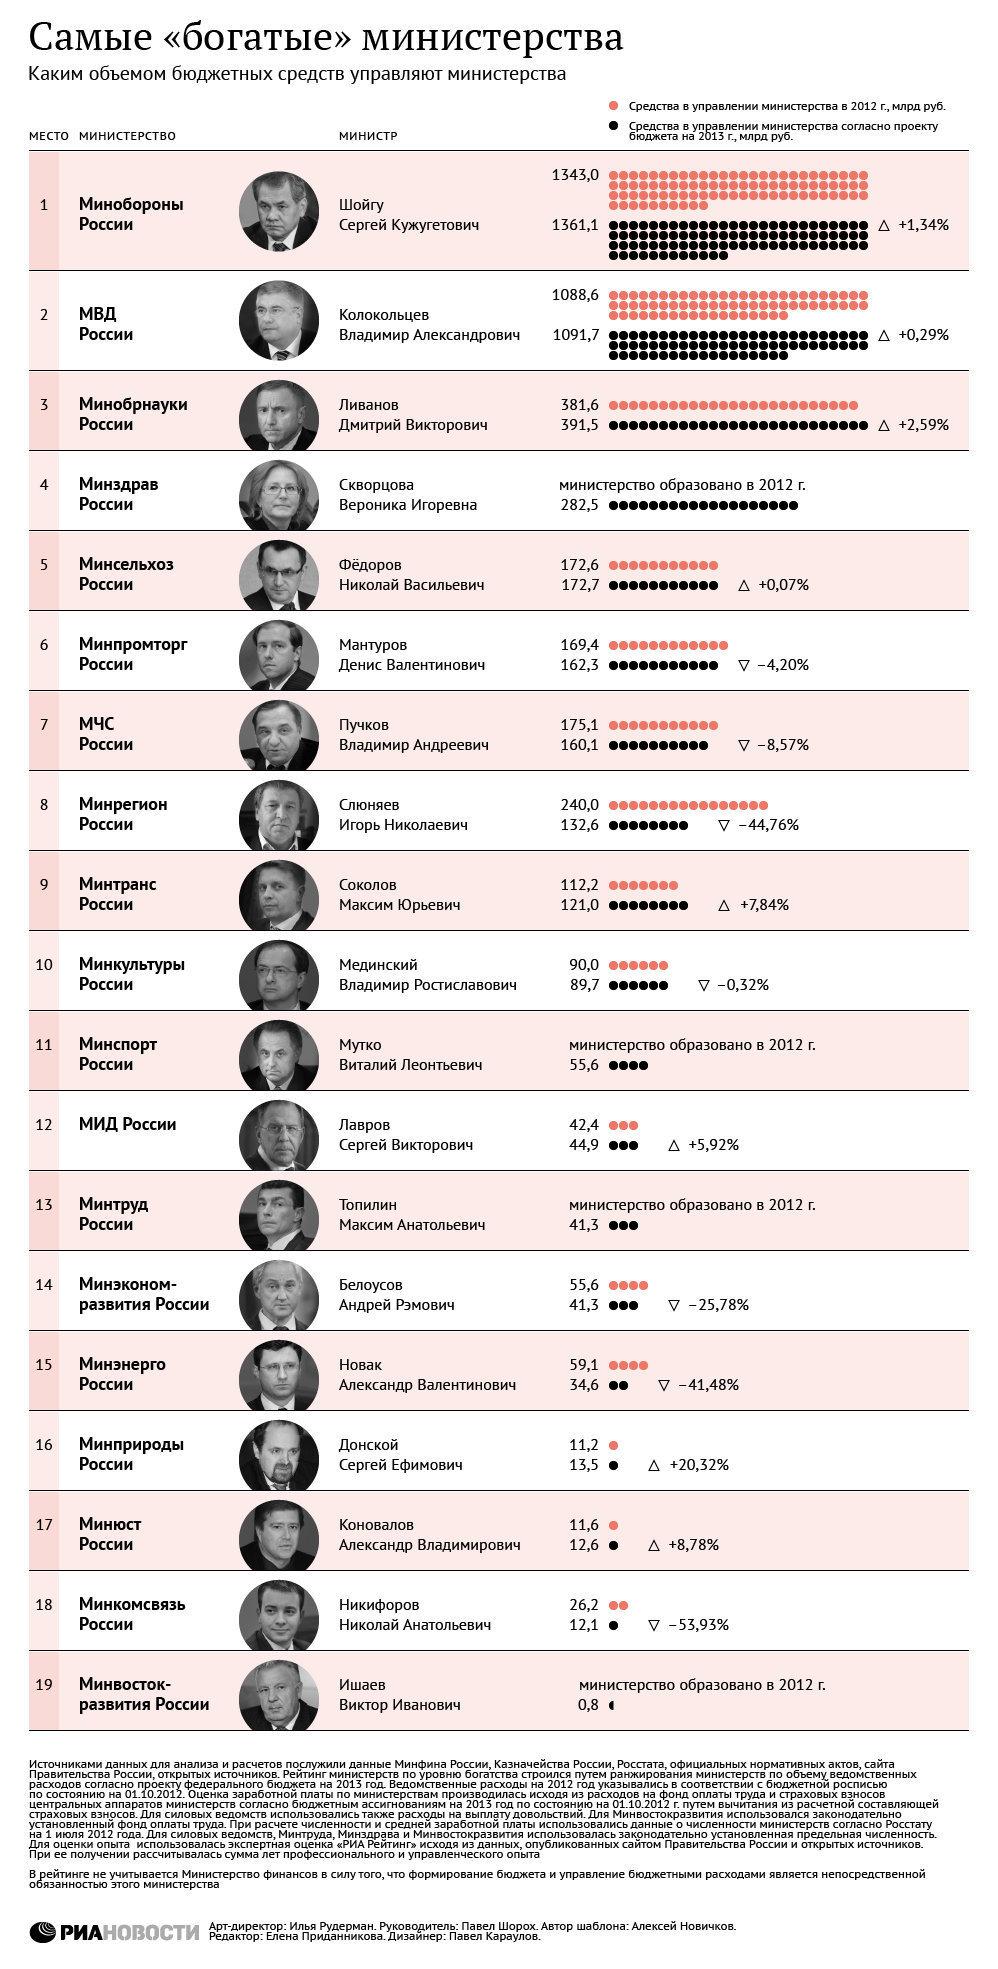 Самые богатые министерства